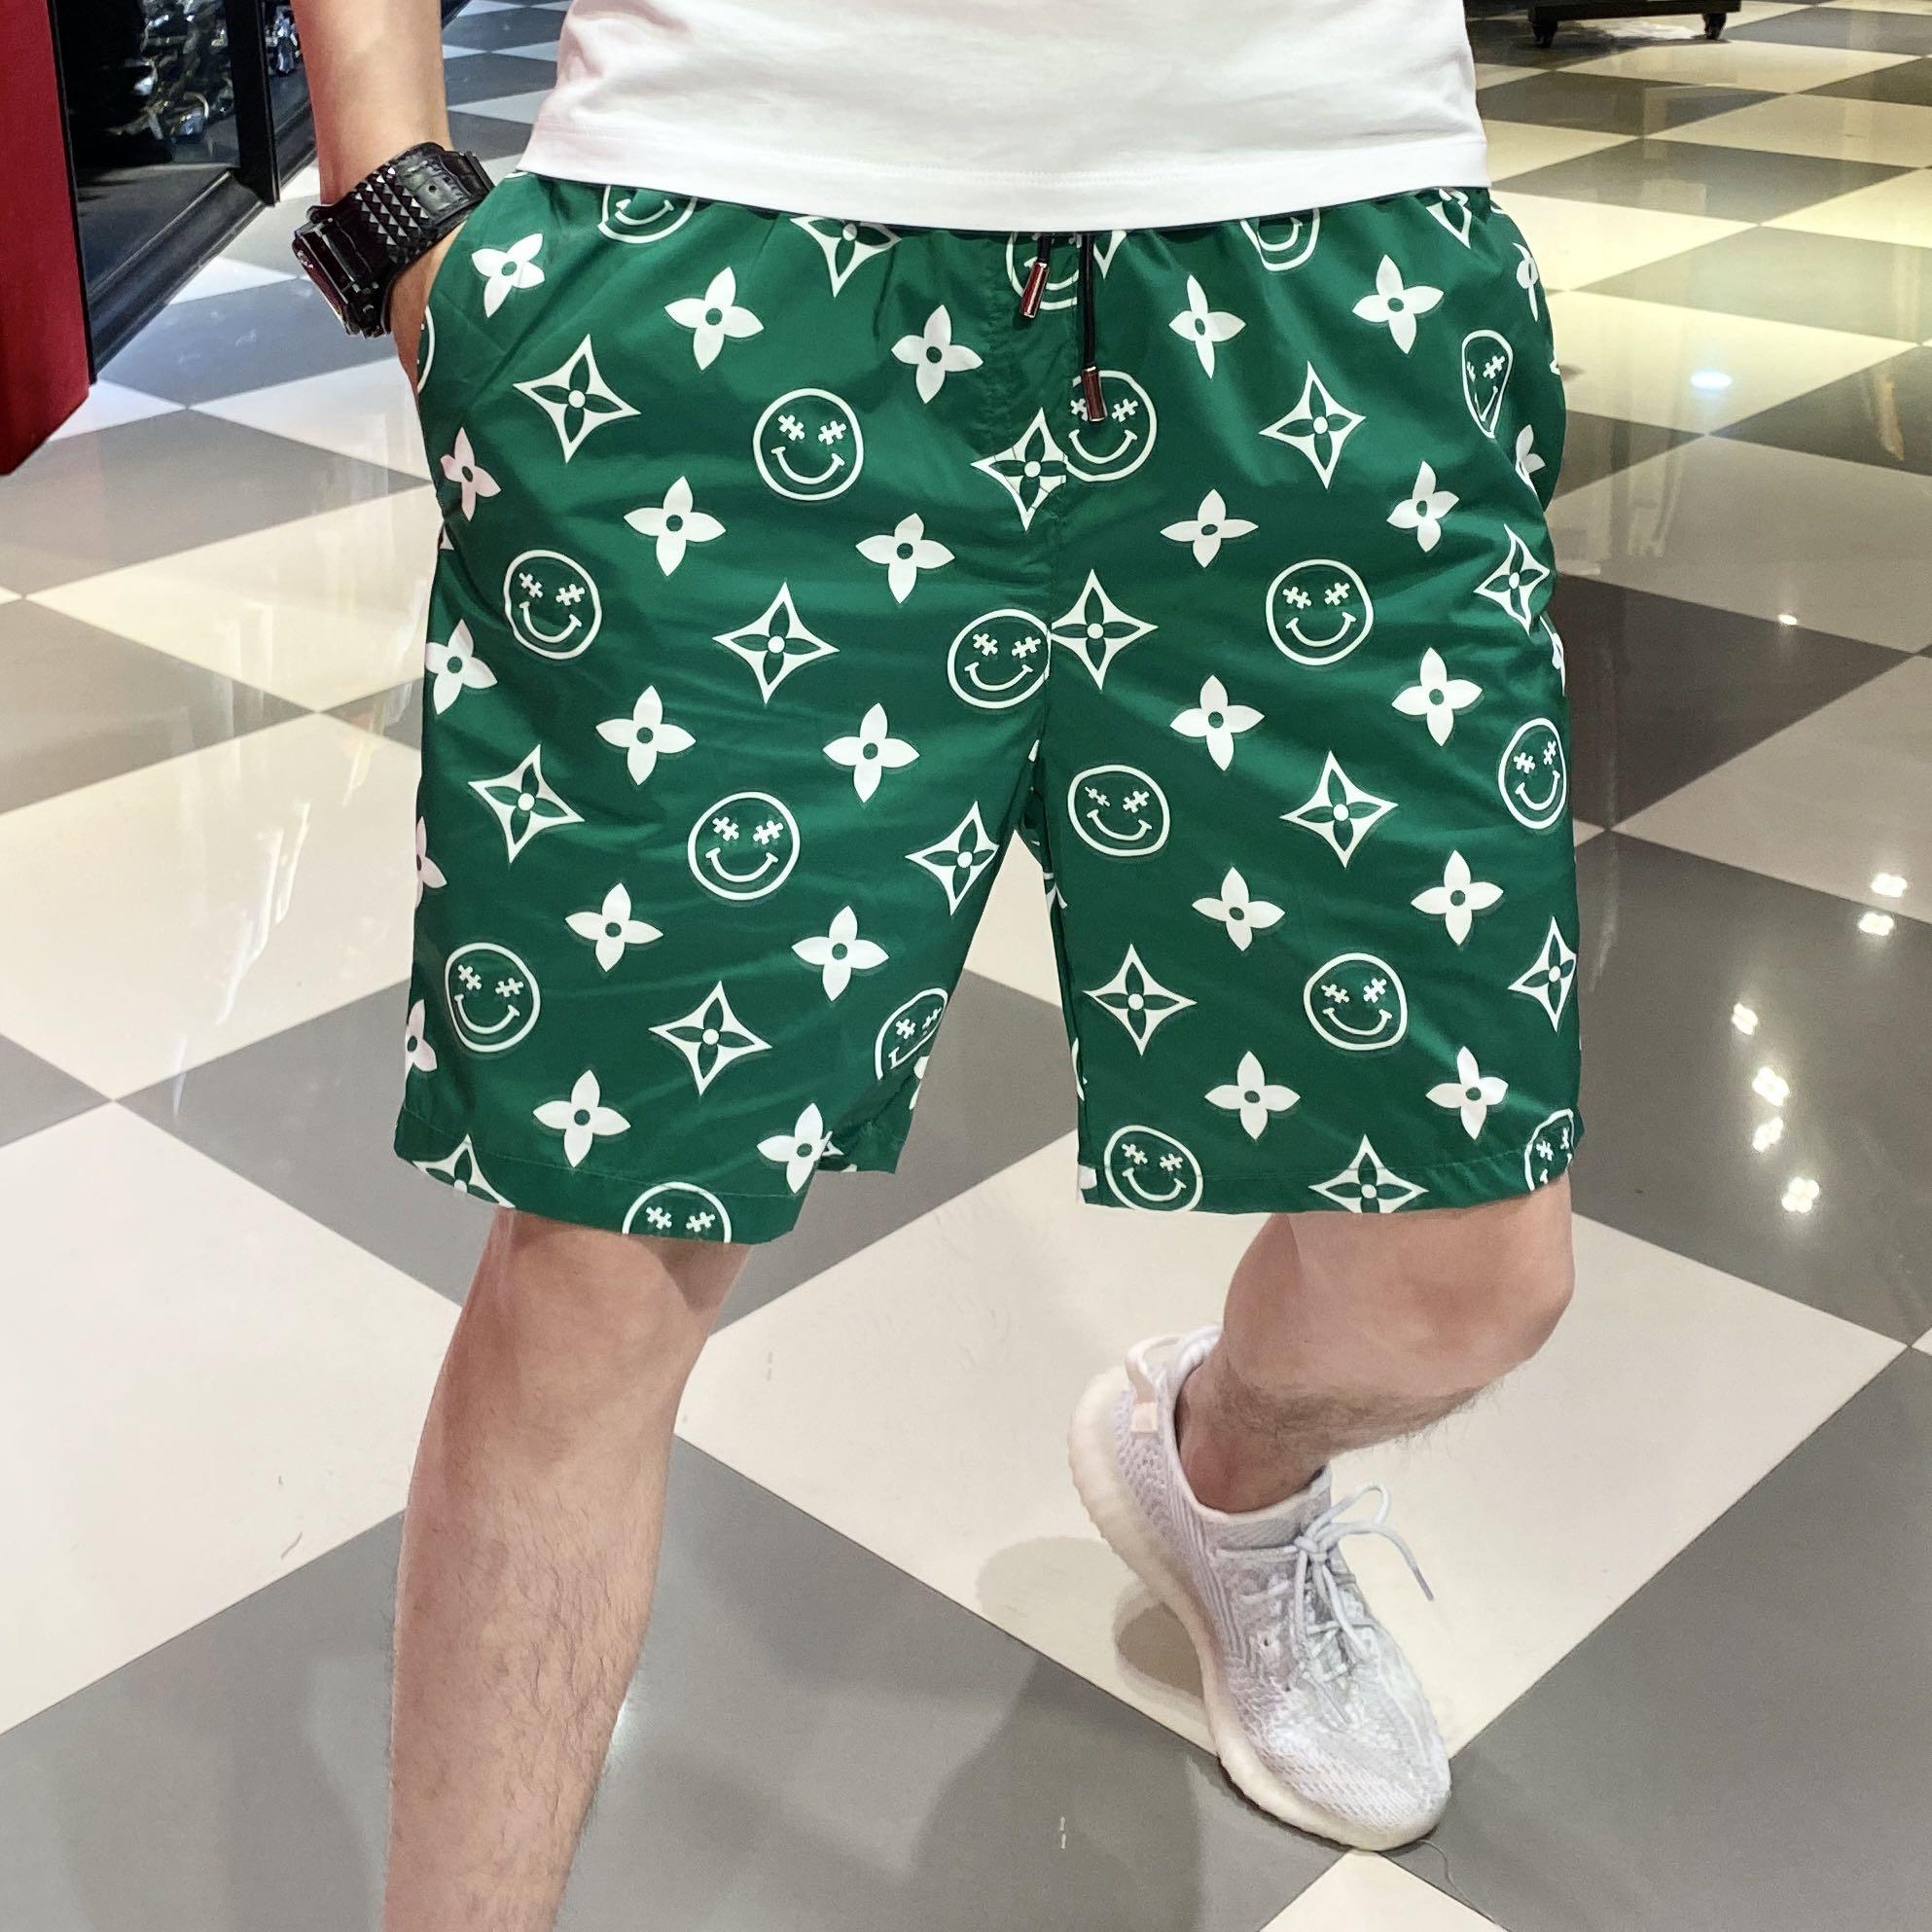 帝哲尼2020夏季新款短裤男潮牌ins宽松沙滩裤潮流五分裤透气速干